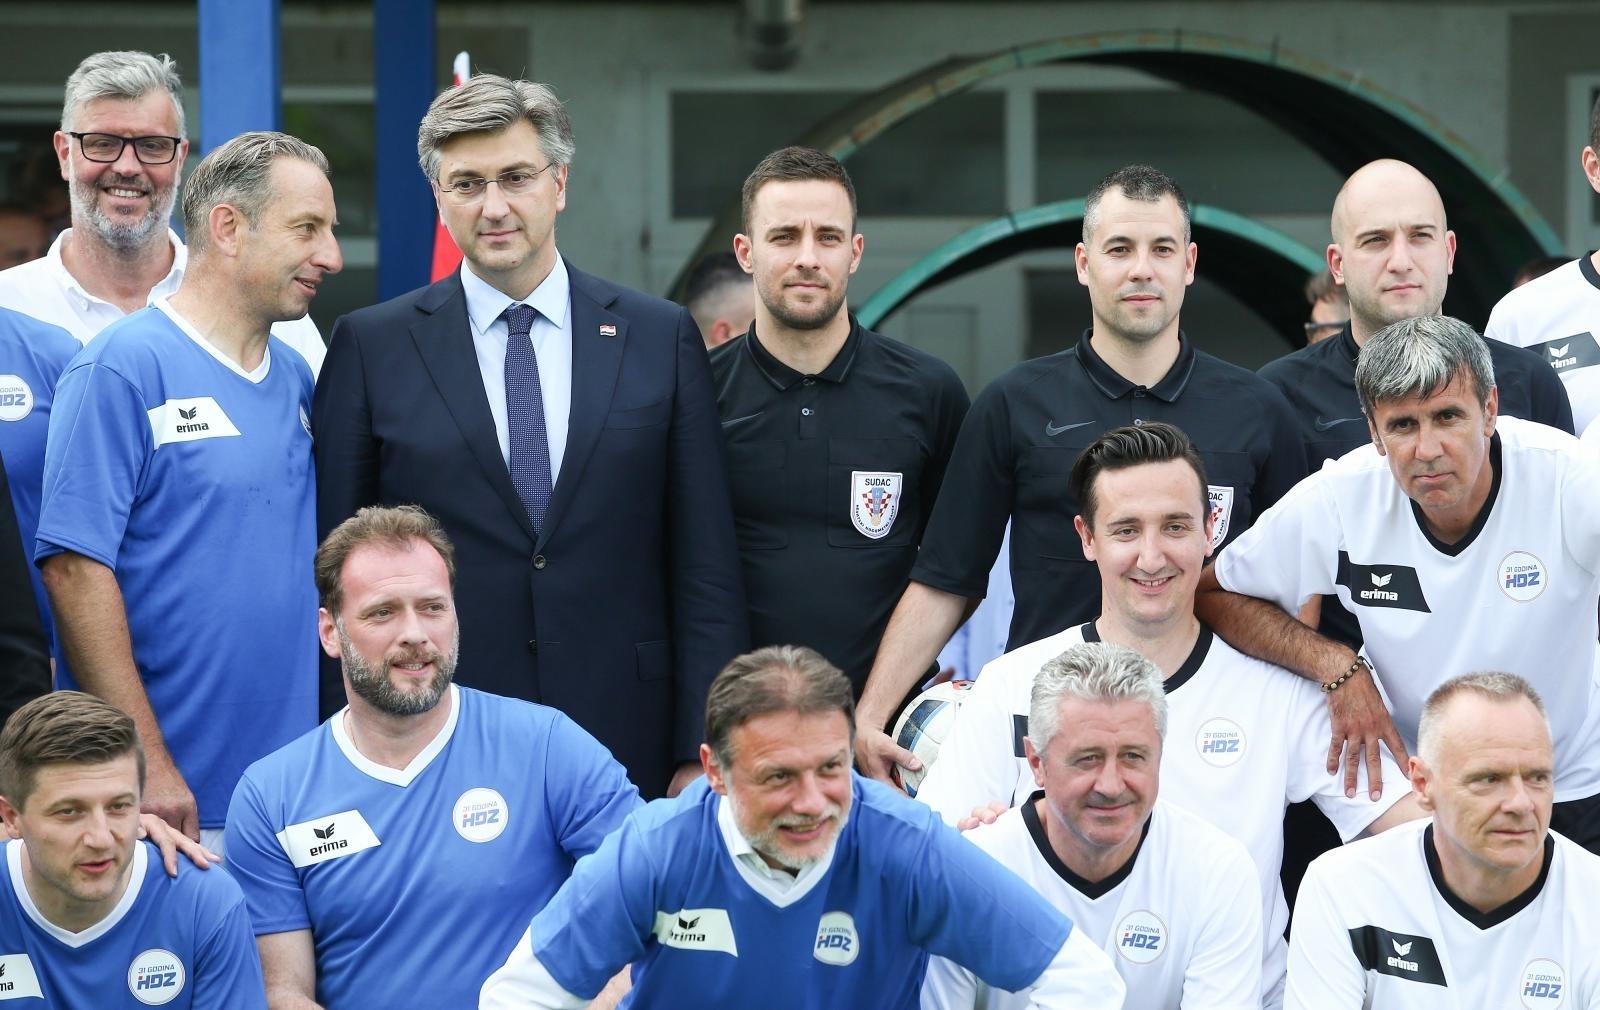 Na proslavi 31. godišnjice osnutka HDZ-a igrao se nogomet, a okupljeni su se fotografirali u formaciji koja definitivno nije u skladu s mjerama